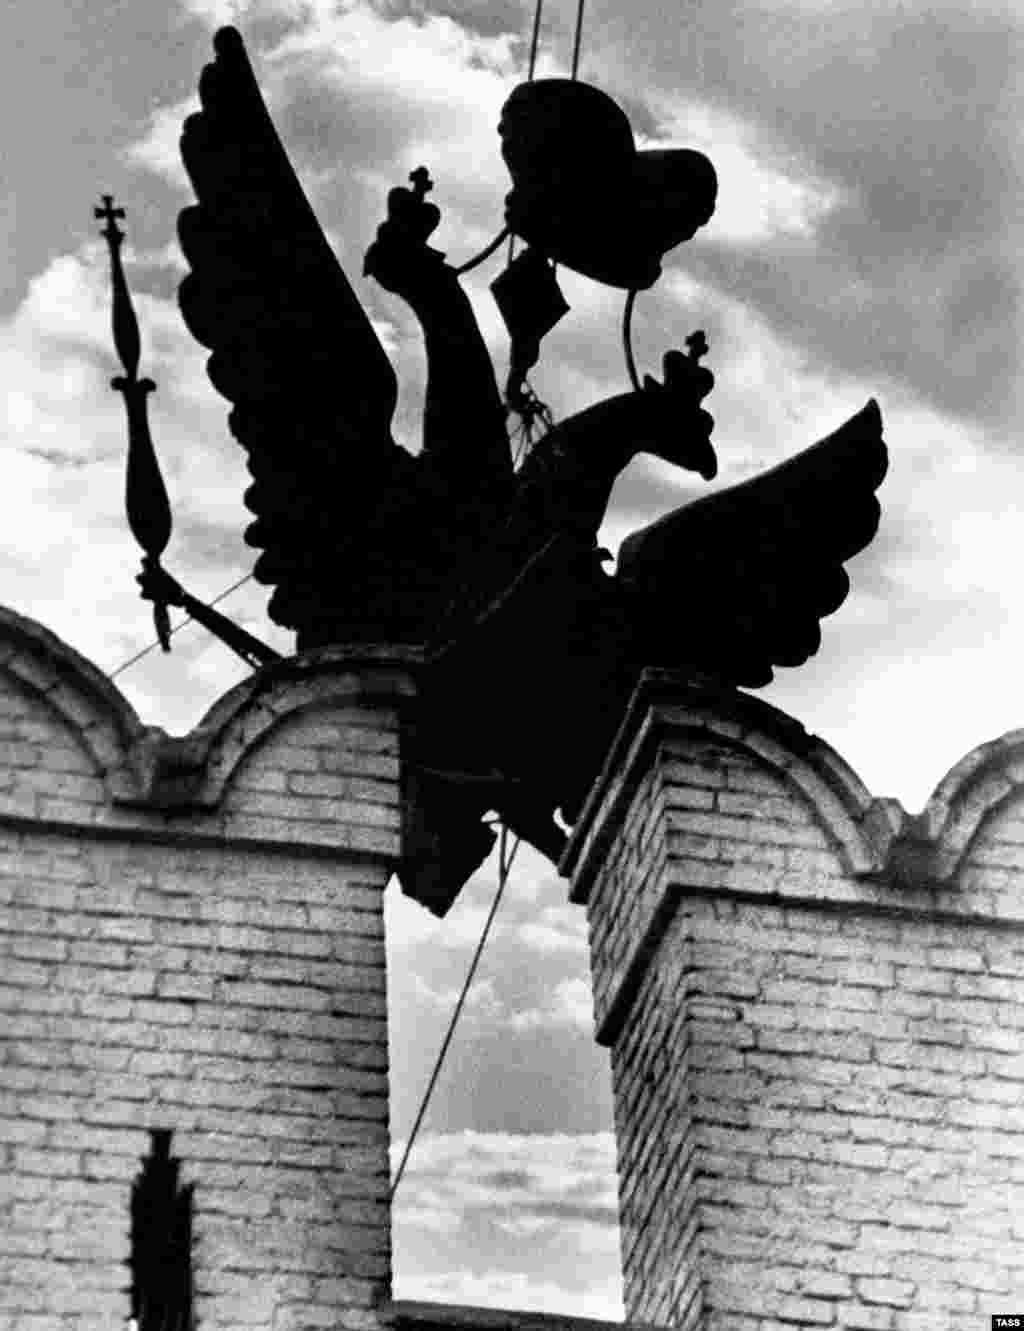 Царский двуглавый орел вынимается из шпиля Кремля после переворота. Орлов заменили коммунистические красные звезды, которые сегодня венчают шпили Кремлевских башен